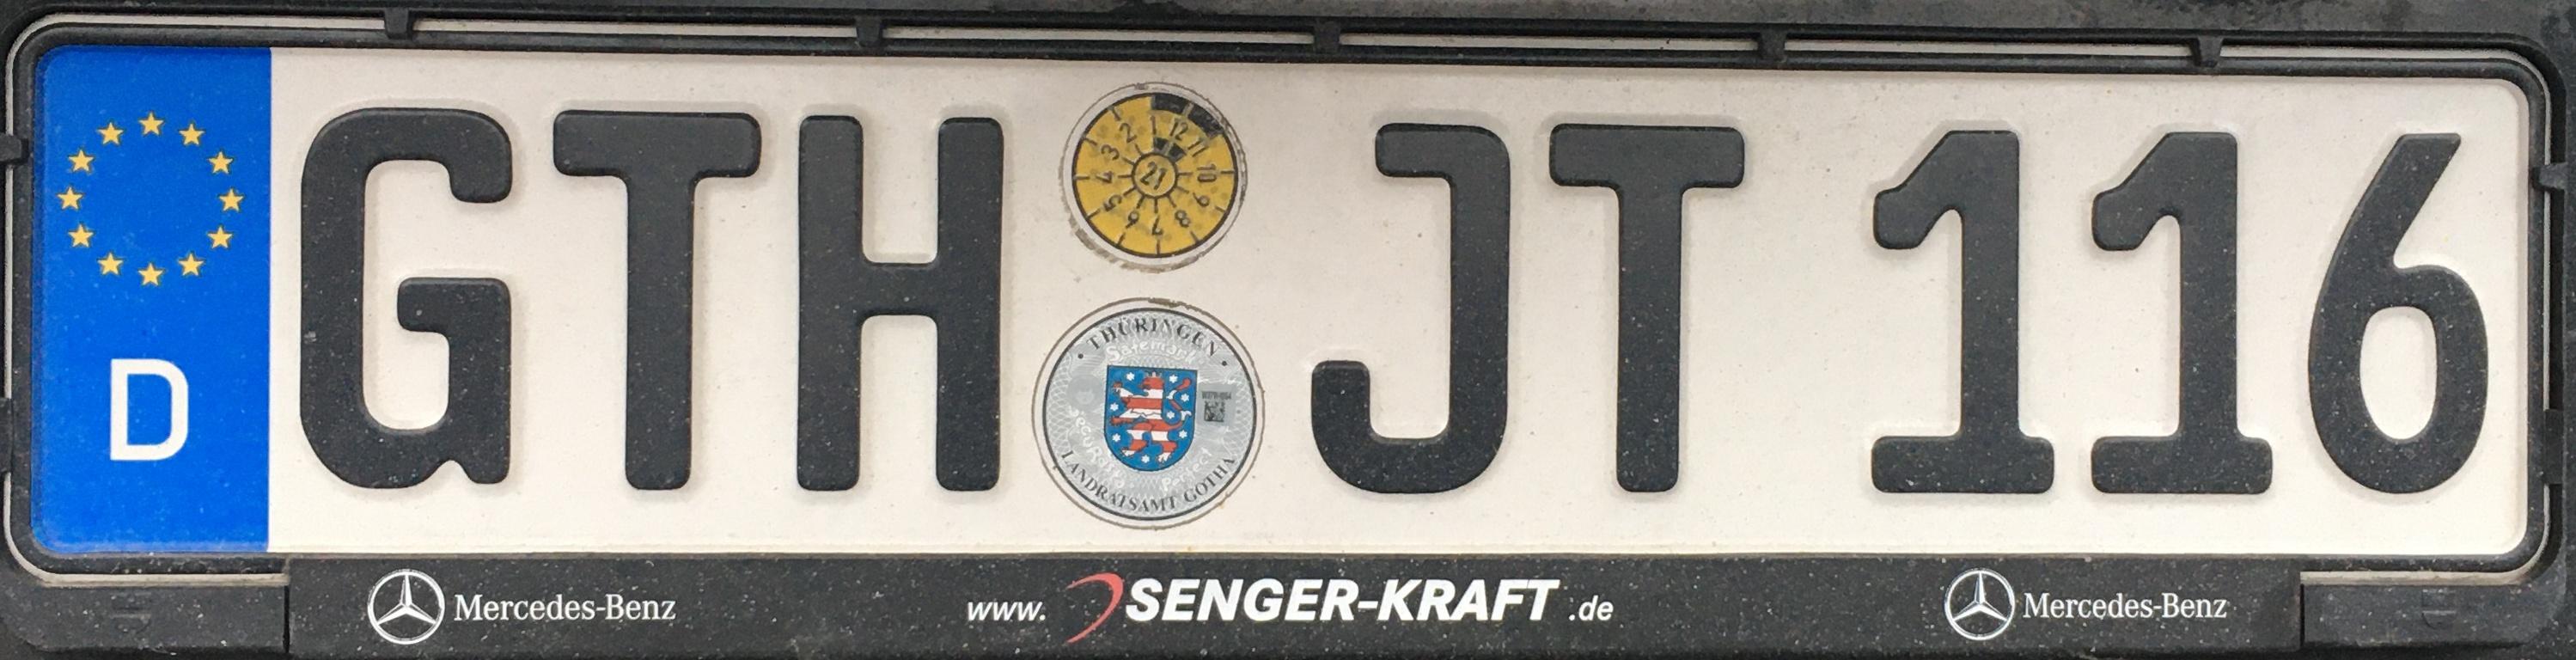 Registrační značky Německo - GTH - Gotha, foto: www.podalnici.cz